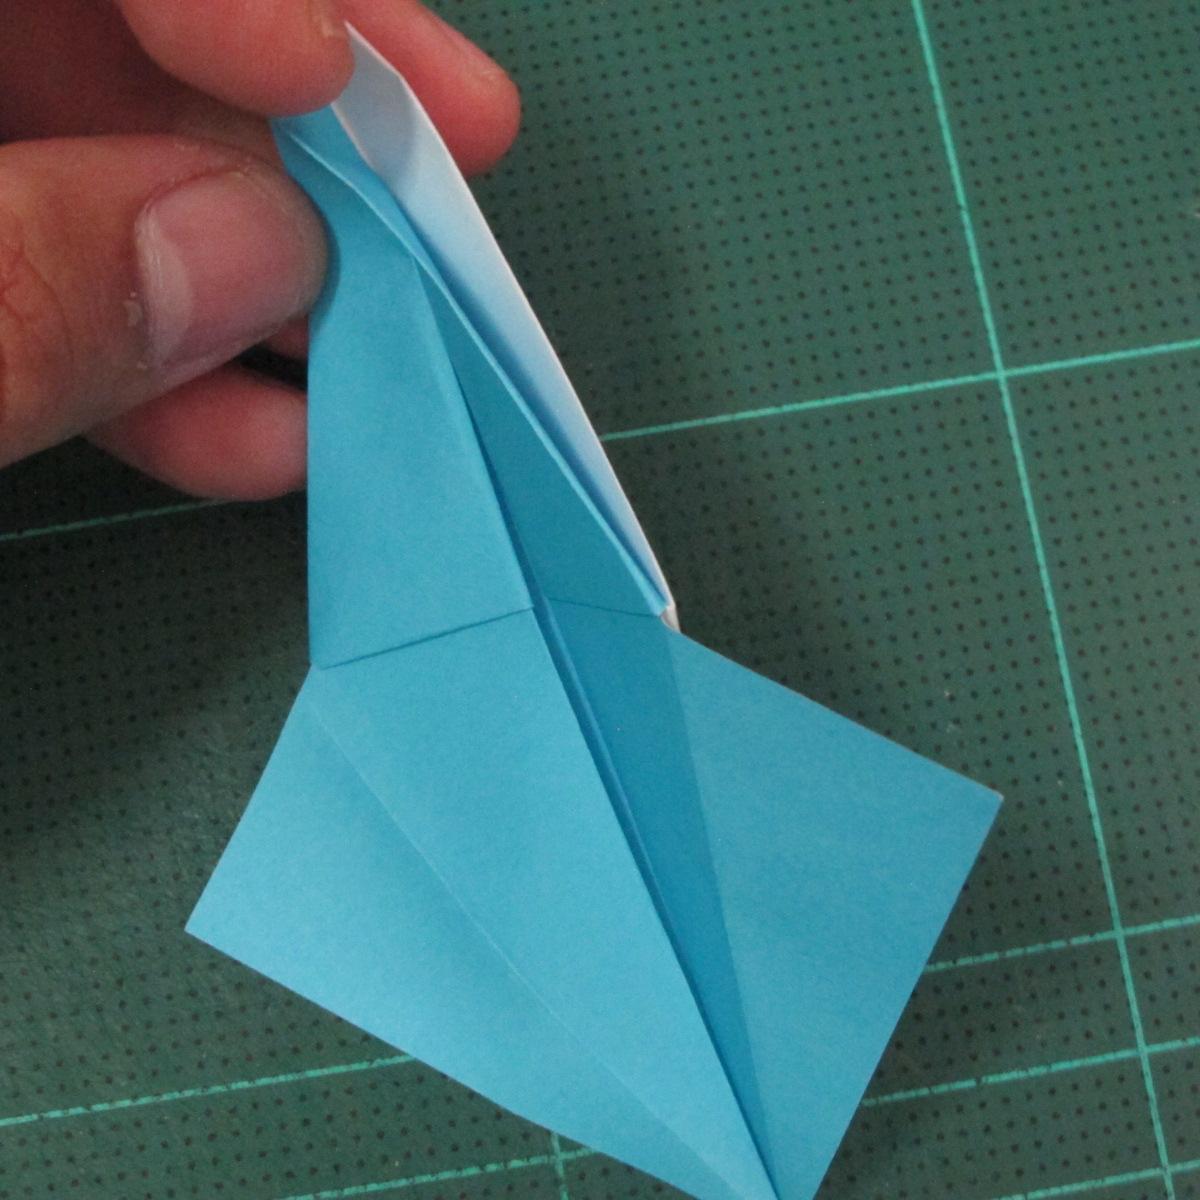 วิธีพับกระดาษเป็นถาดใส่ขนมรูปดาวแปดแฉก (Origami Eight Point Star Candy Tray) 014